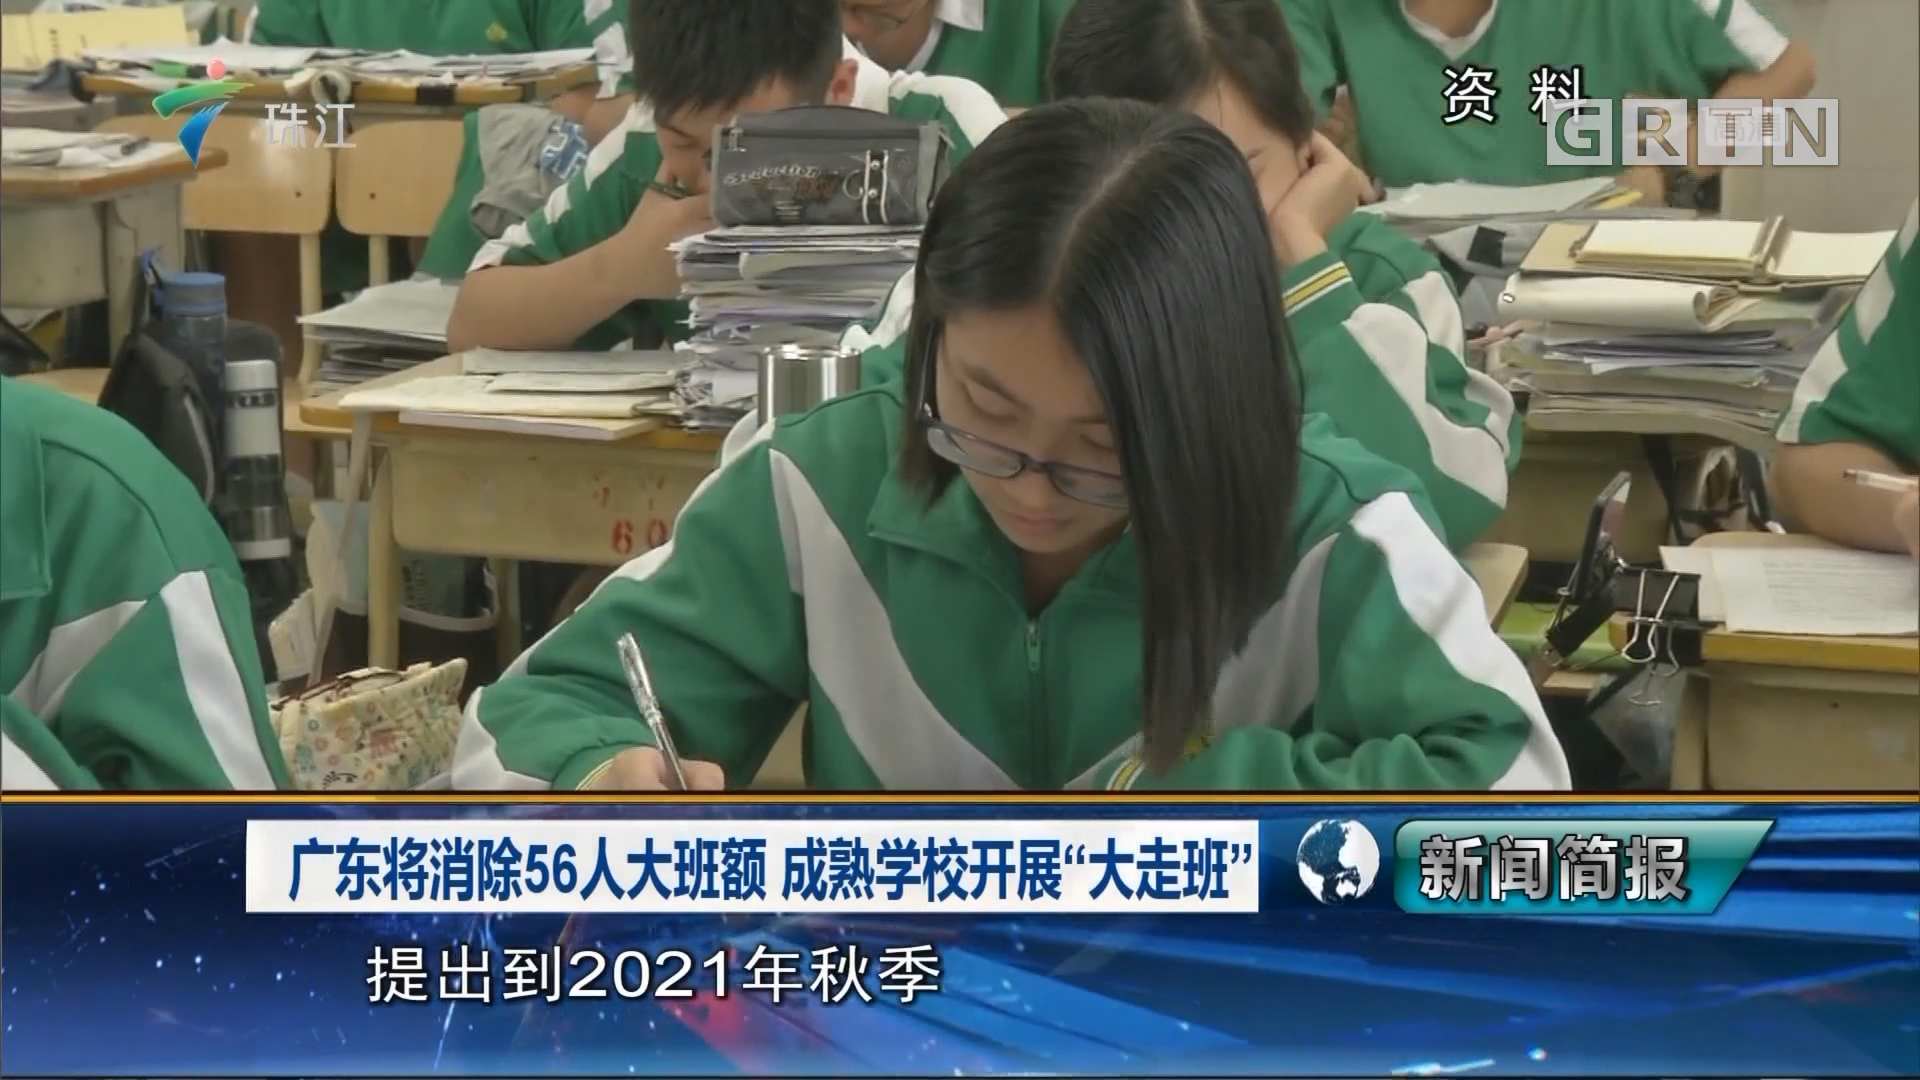 """广东将消除56人大班额 成熟学校开展""""大走班"""""""